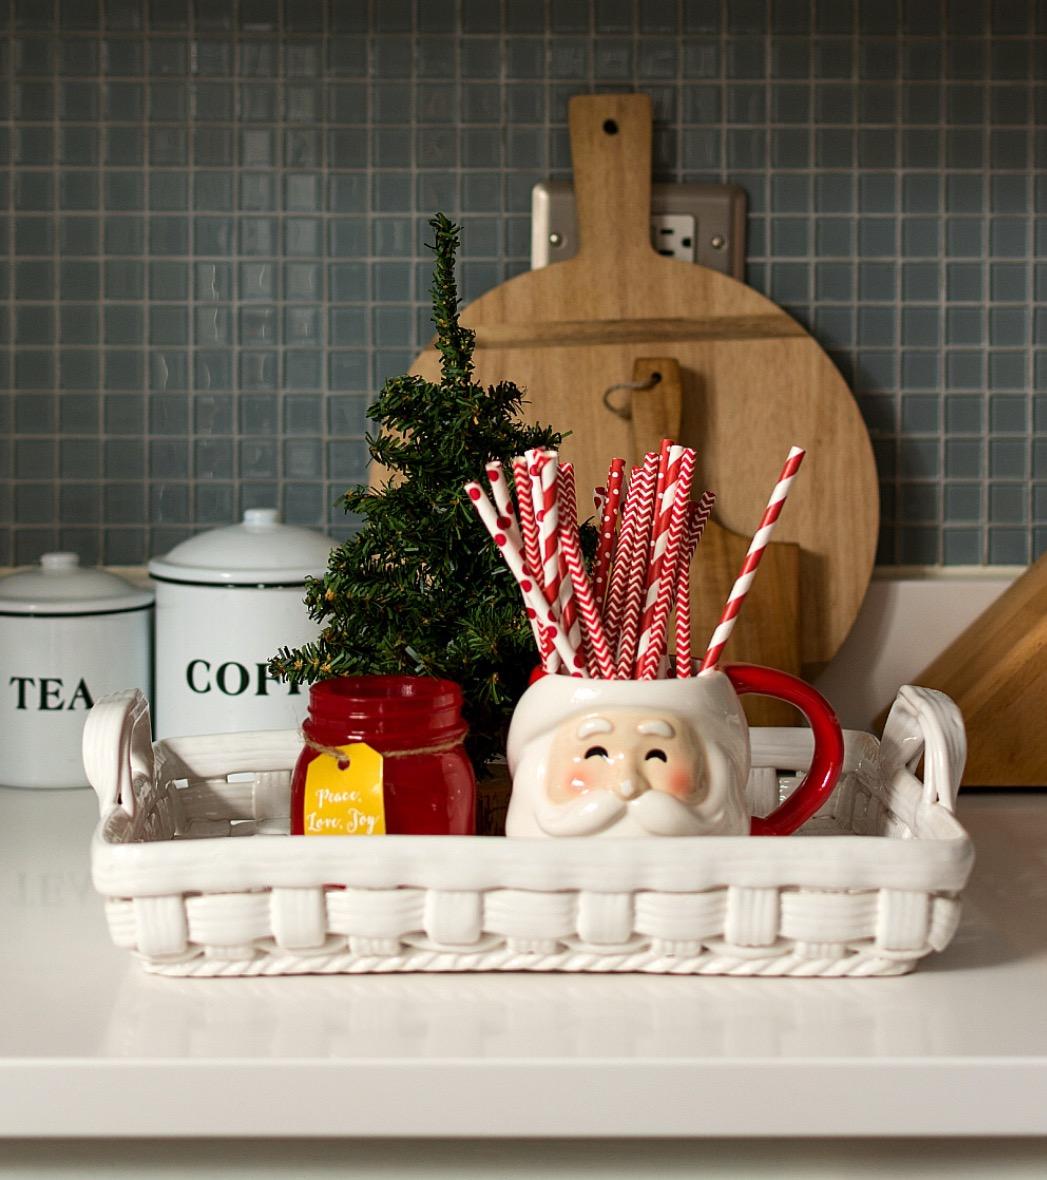 #A32829 Décorations De Noël à Réaliser Soi Même Expoze 5301 décorations de noël a fabriquer soi même bonhomme de neige 1047x1180 px @ aertt.com